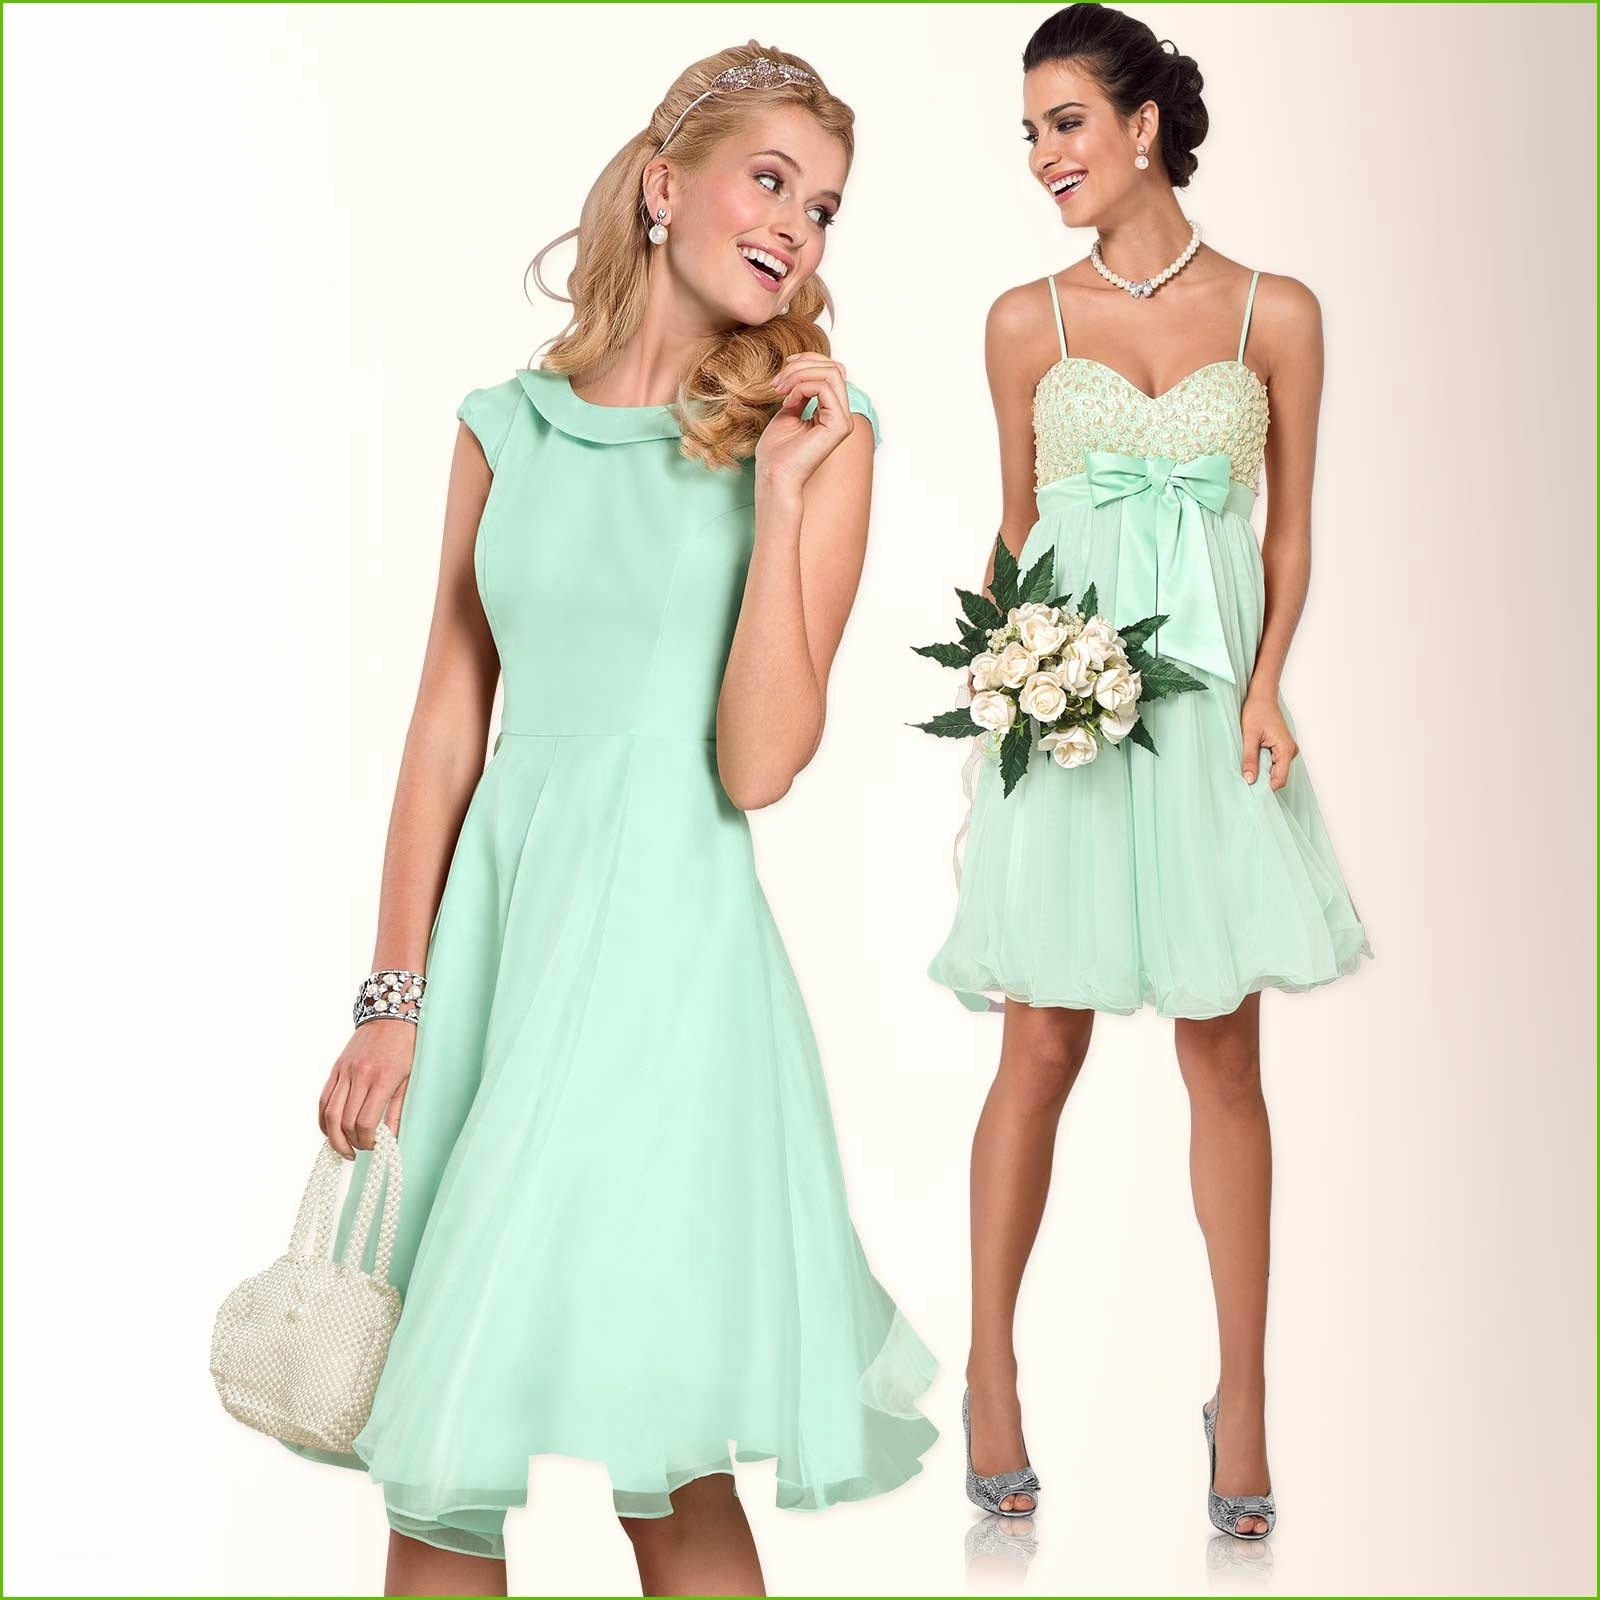 Abend Einzigartig Kleider Zur Hochzeit Als Gast Günstig für 201915 Schön Kleider Zur Hochzeit Als Gast Günstig Stylish